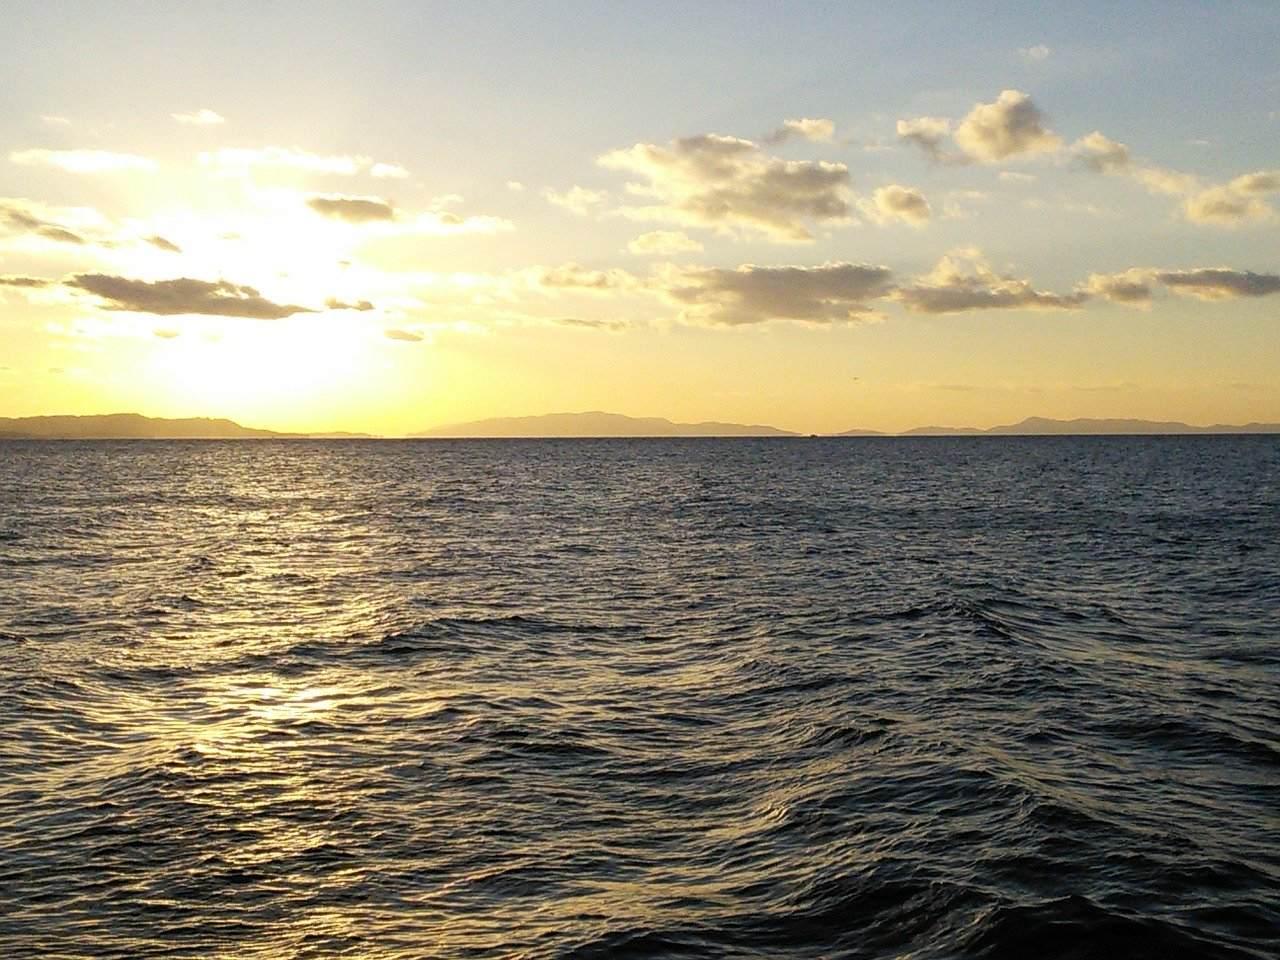 海にまつわる怖い話『水葬』|洒落怖・海の怪談